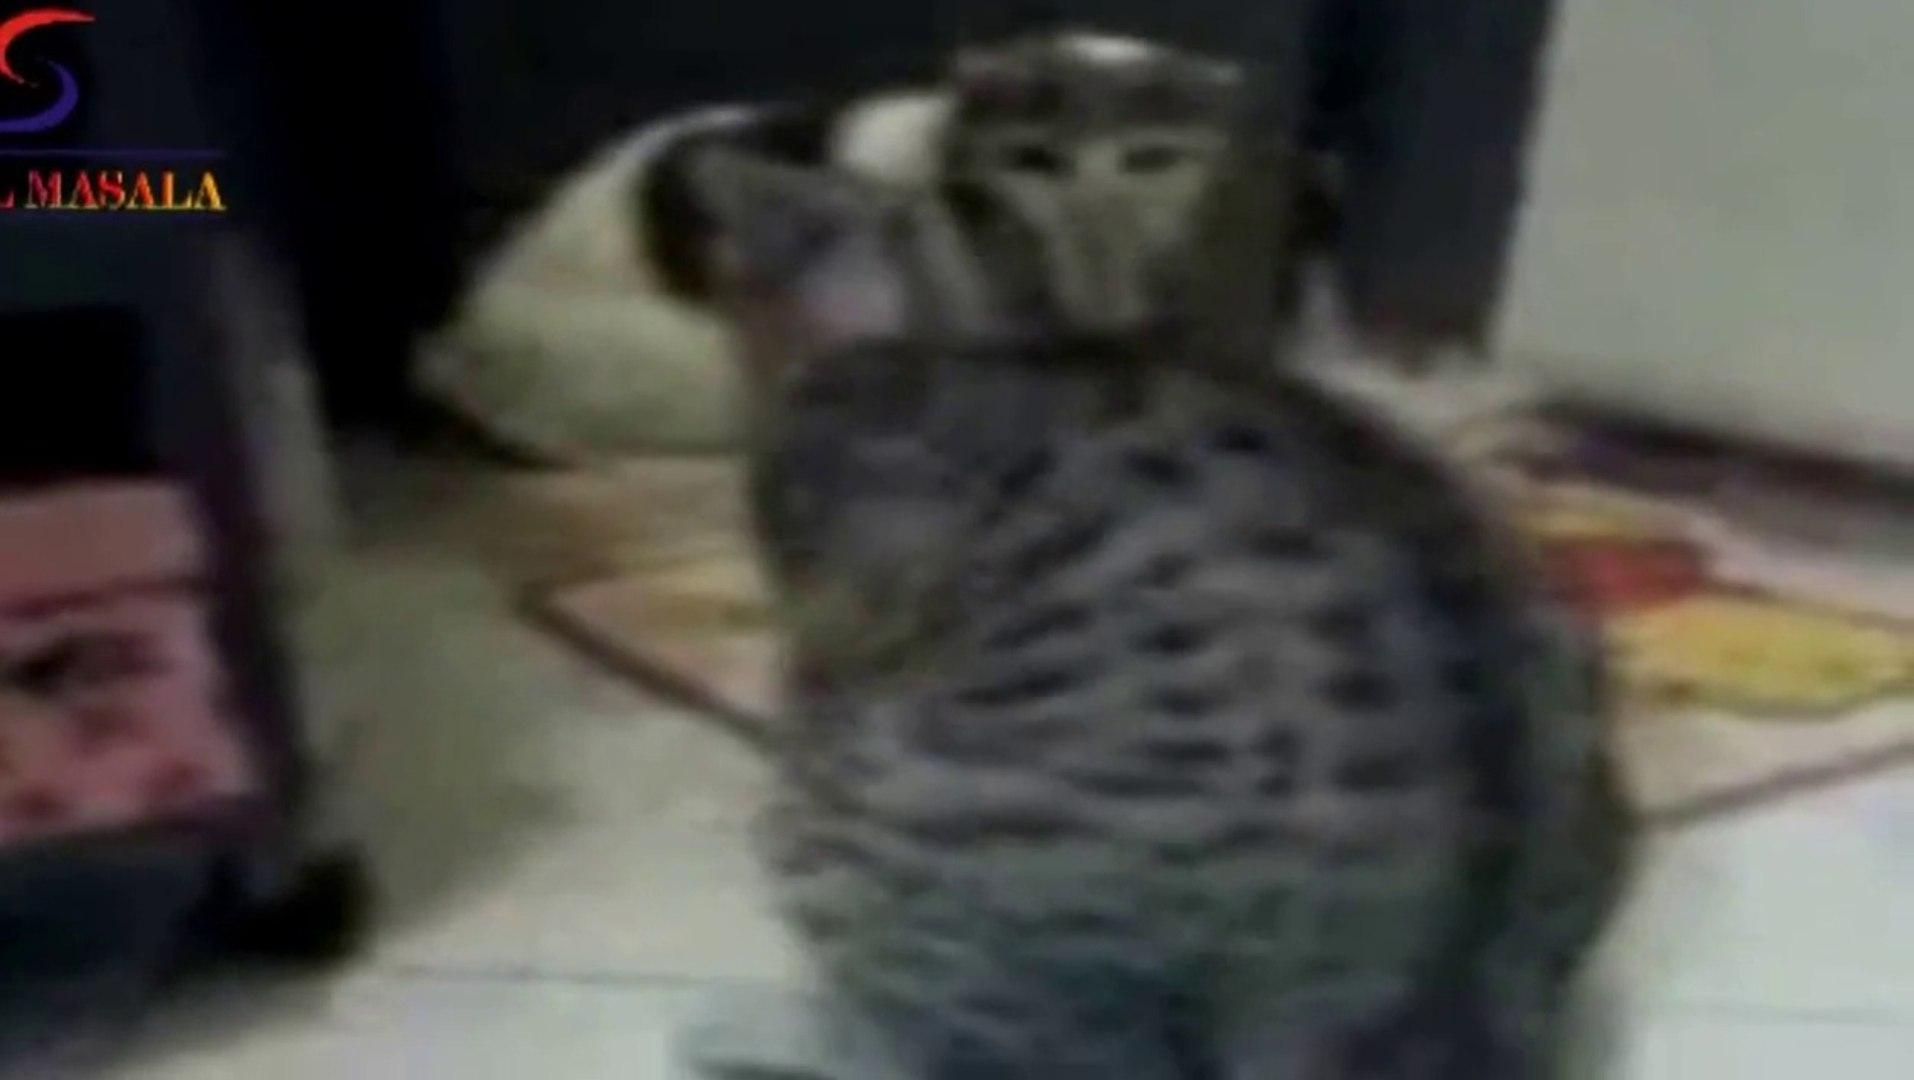 Hot Cat SEX WEIRD! Cat Sex Mating (intercourse) Better Than Humans HD - Must See